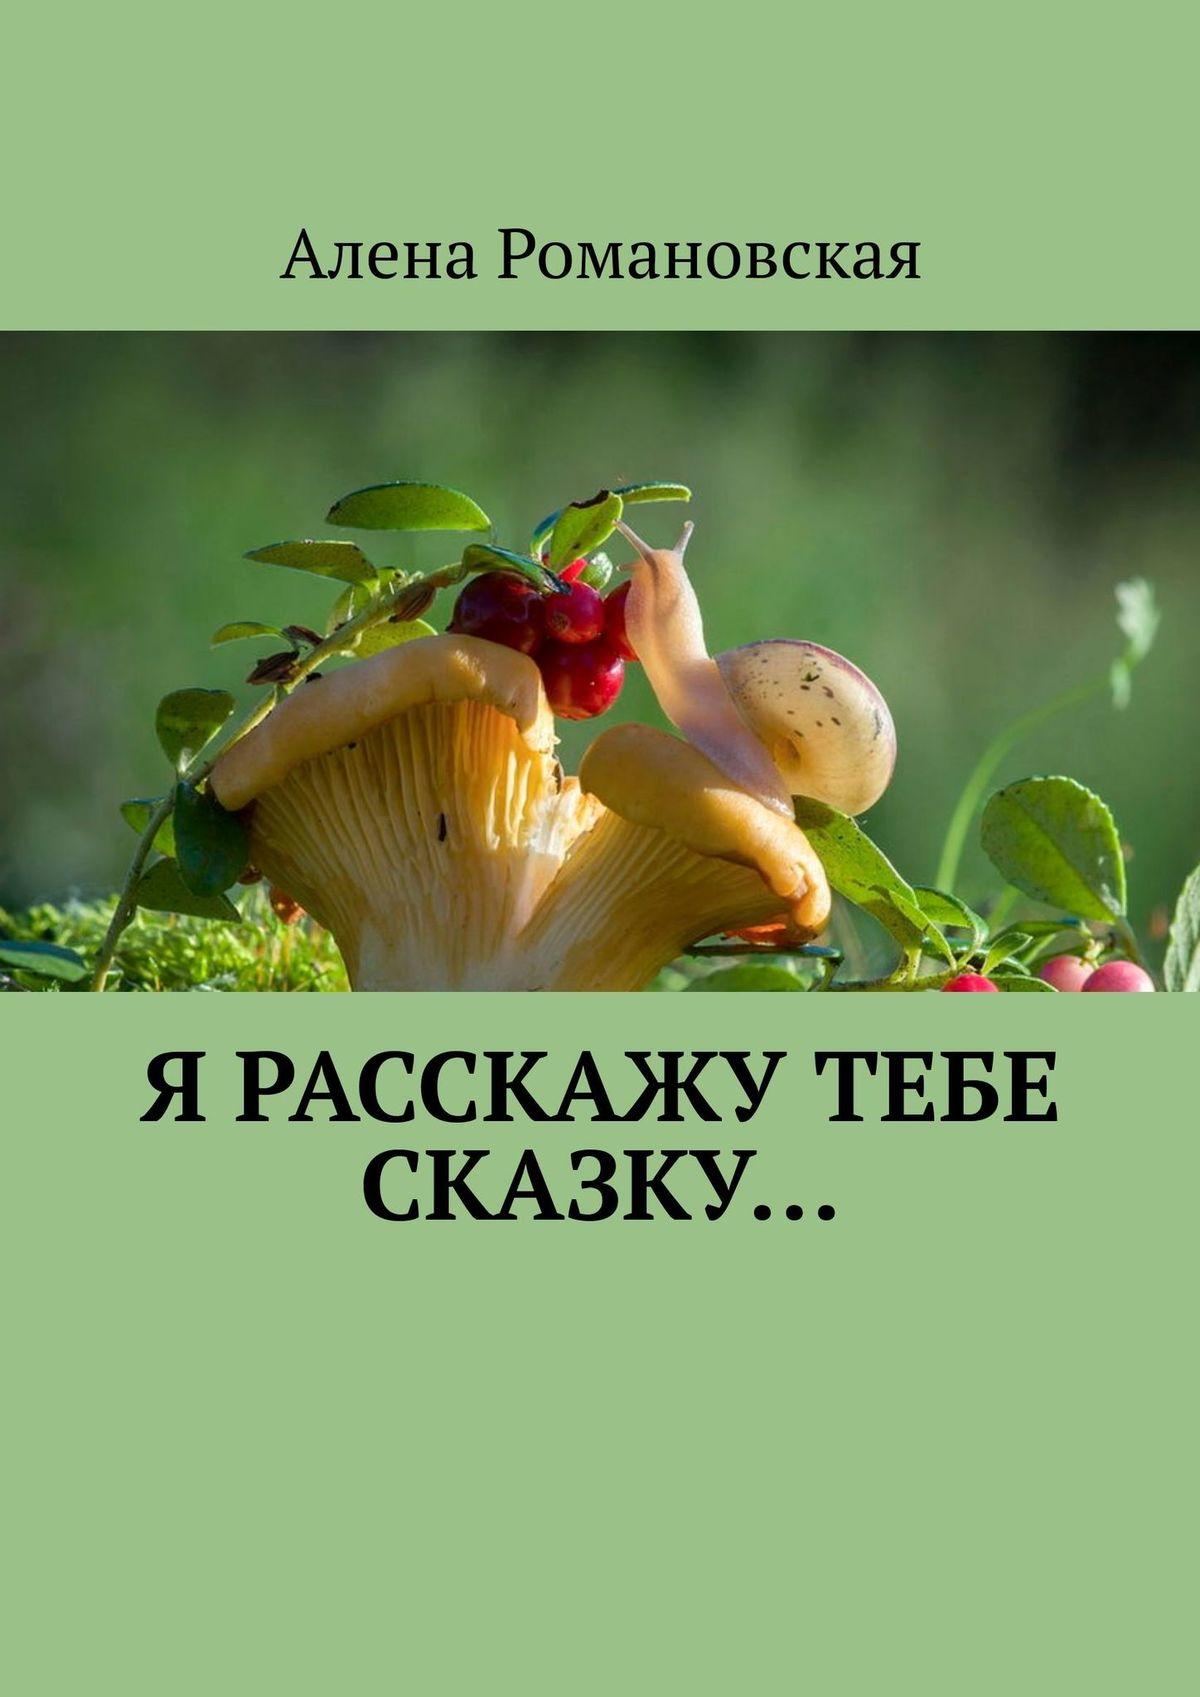 Алена Романовская Я расскажу тебе Сказку… алексей алексеевич ратушный я тебе расскажу расскажу о россии сынок